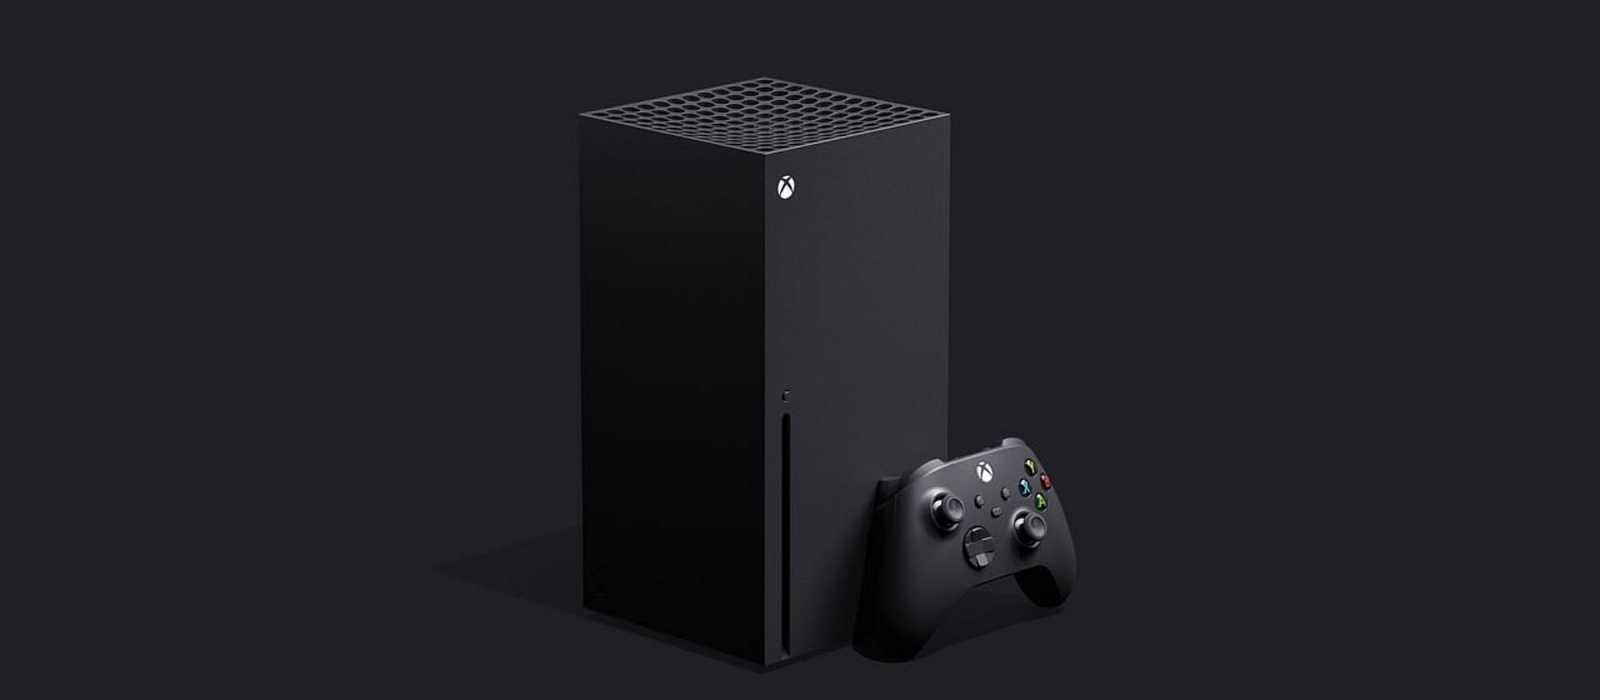 Reddit veröffentlichte ein Video darüber, wie Xbox Series X zu rauchen begann